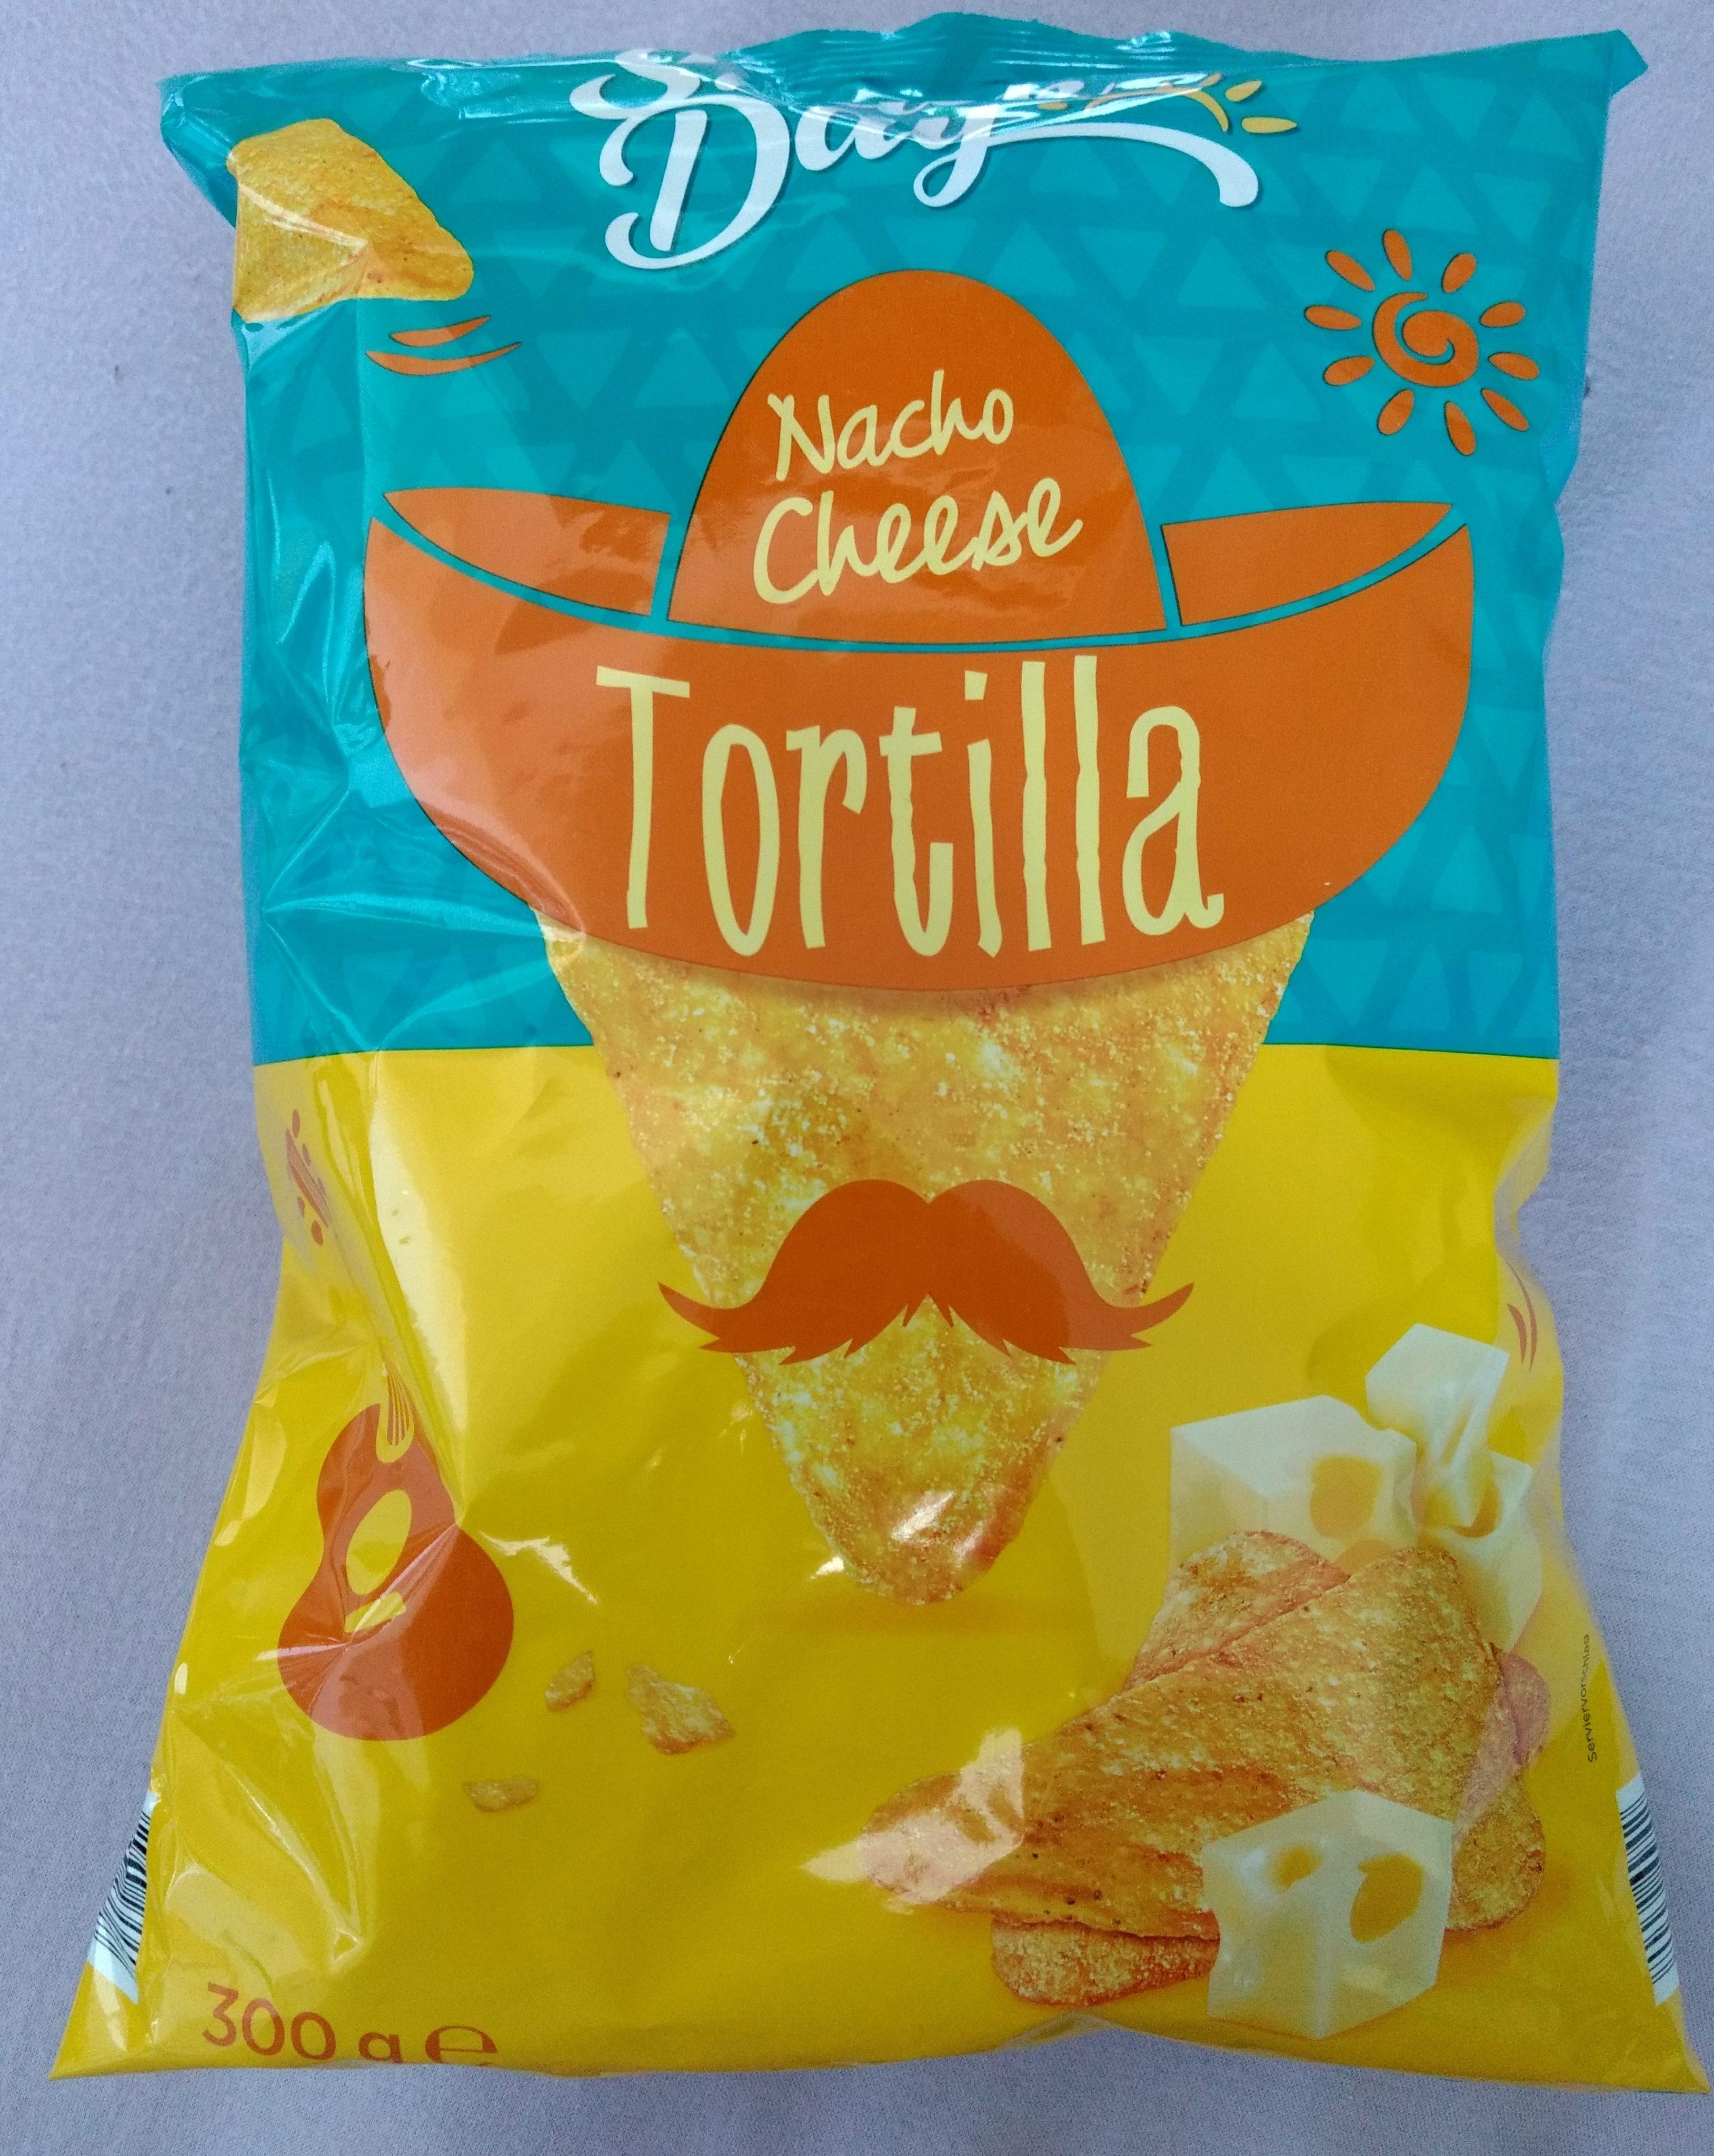 Tortilla gout nacho cheese - Produkt - de